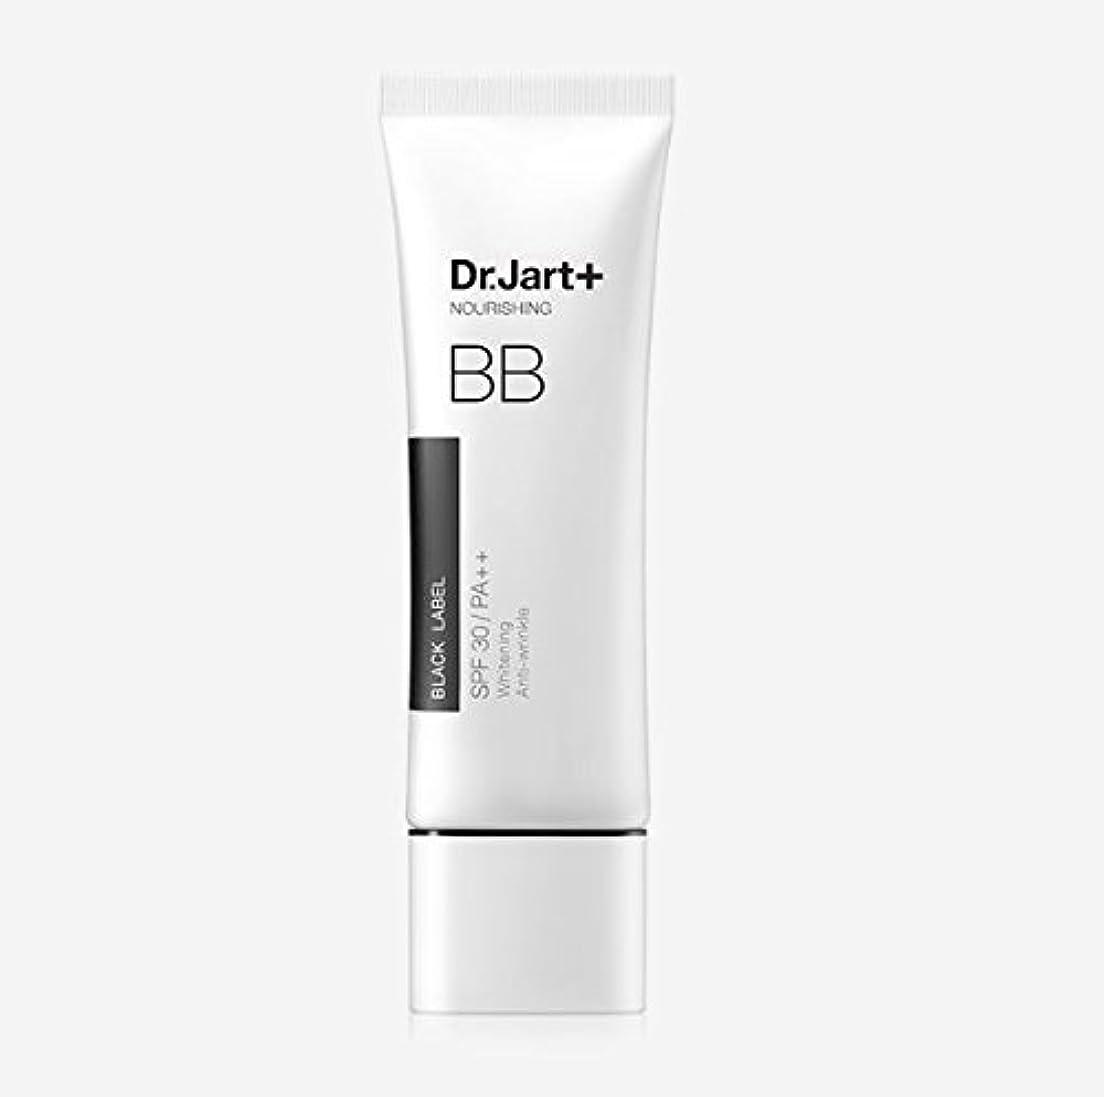 害虫のヒープくちばし[Dr. Jart] Black Label BB Nourishing Beauty Balm 50ml SPF30 PA++/[ドクタージャルト] ブラックラベル BB ナリーシン ビューティー バーム 50ml SPF30...